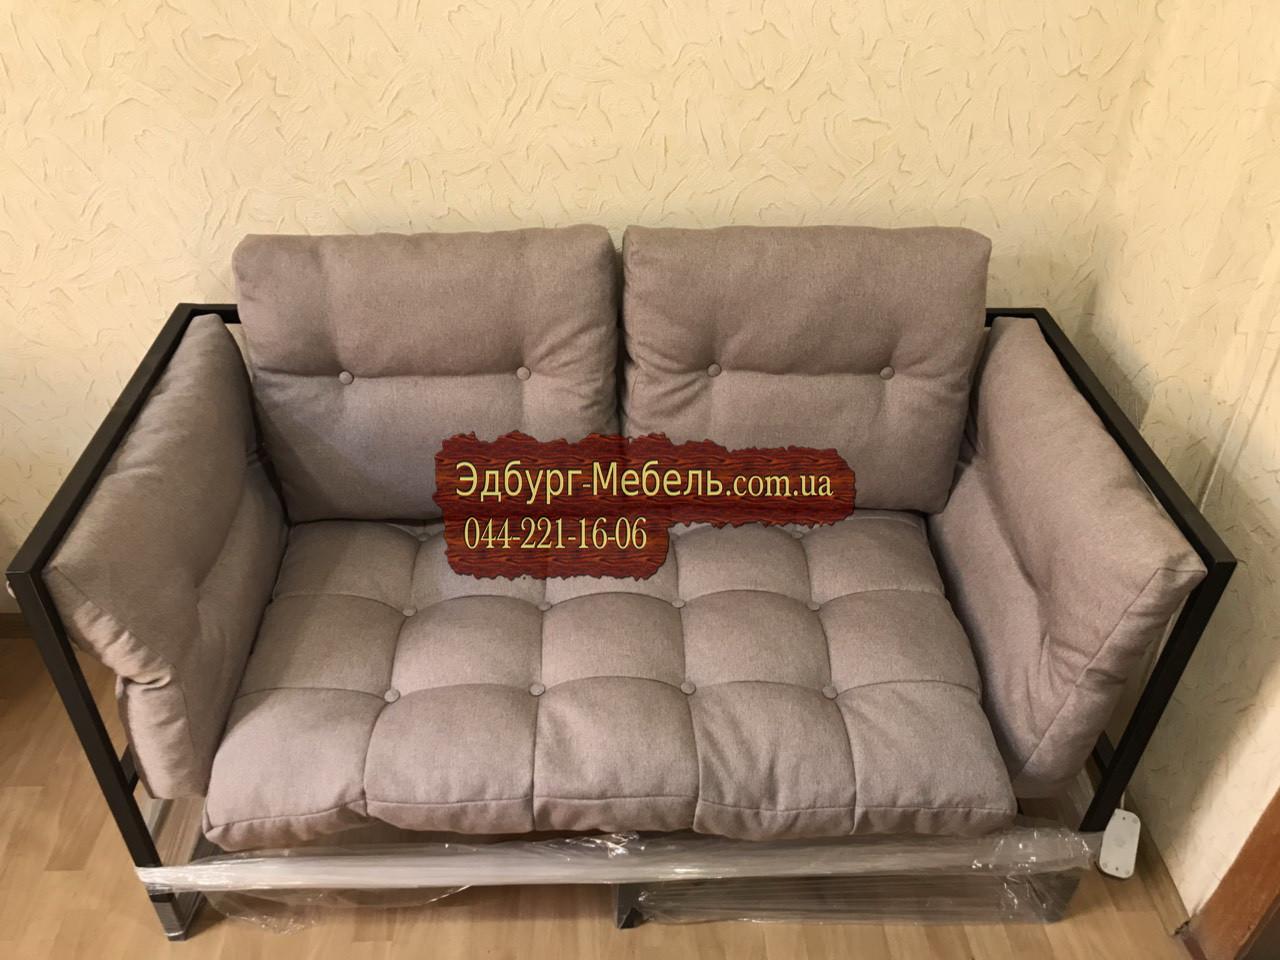 Подушки для кафе, подушки на поддоны с прошивкой